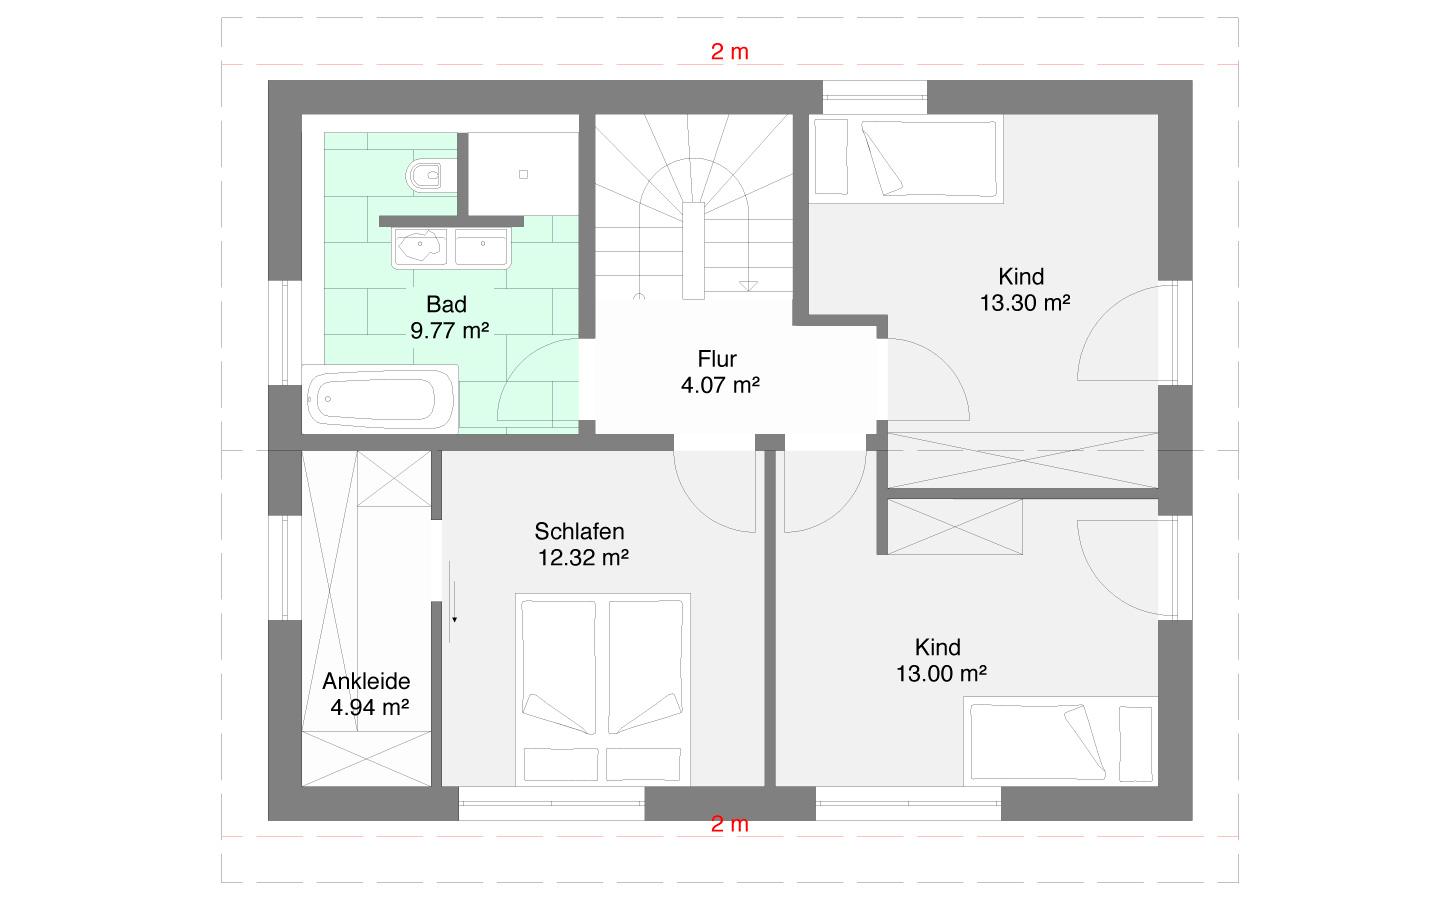 Einfamlienhaus Variante 2 Obergeschoss